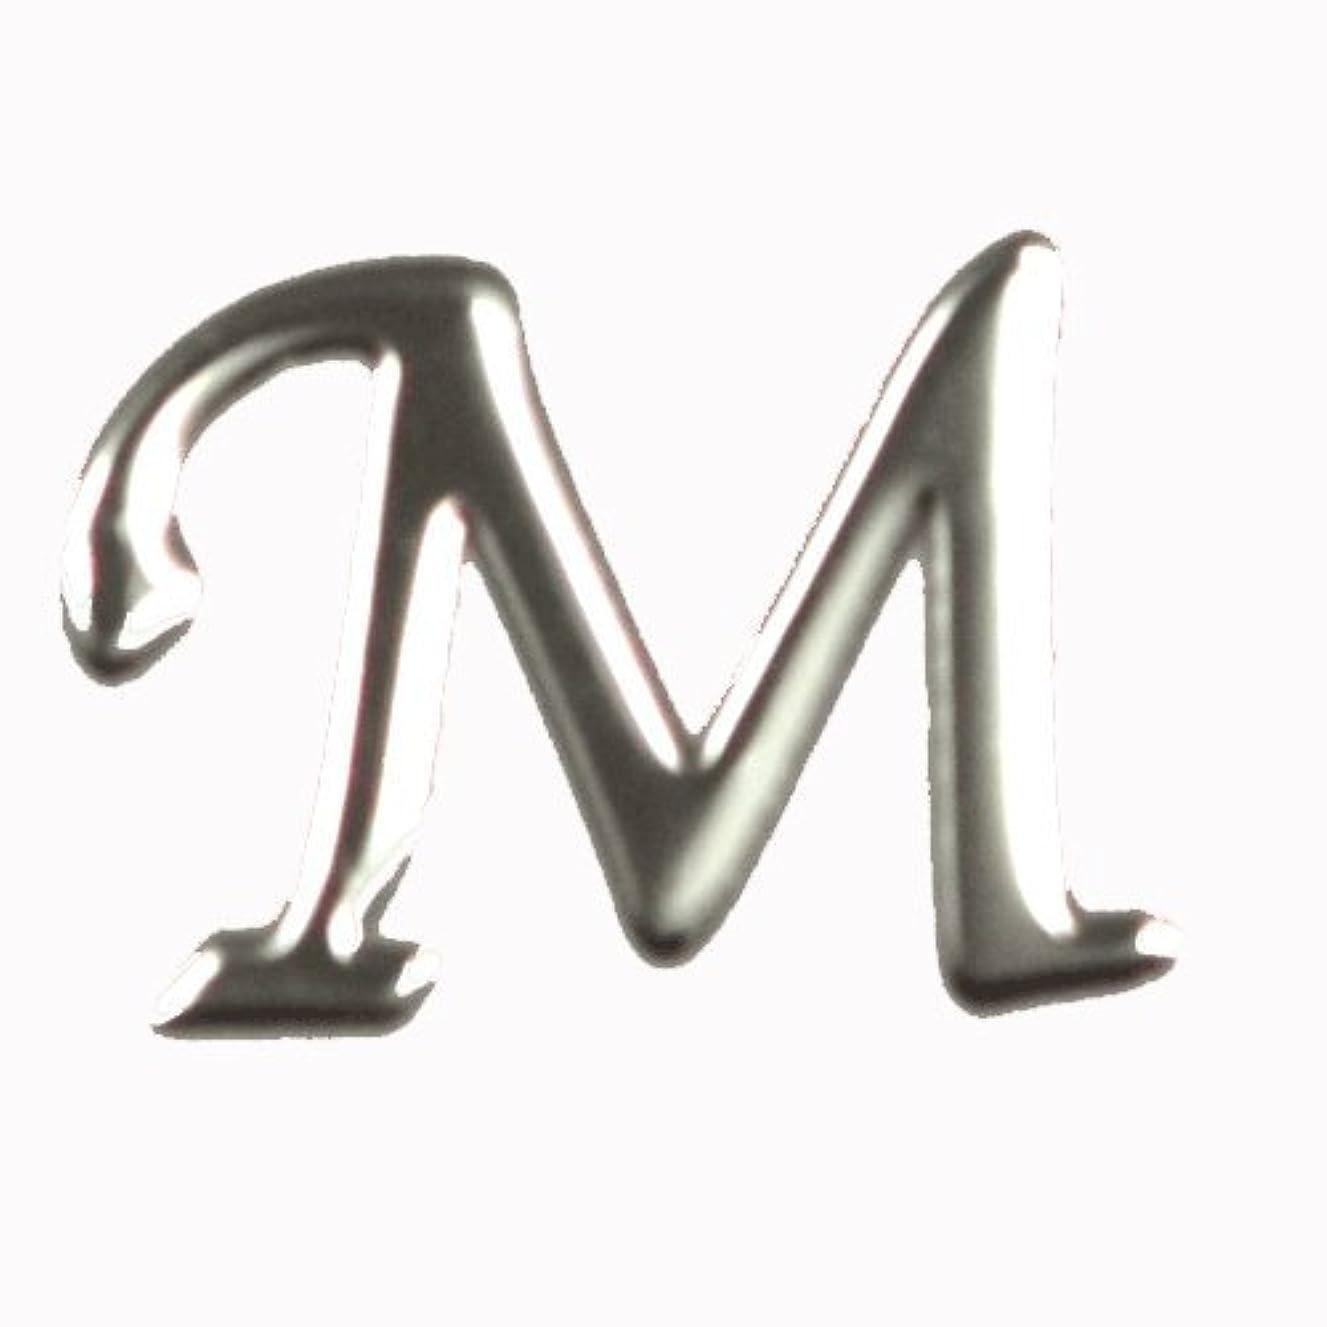 シングルうめき部屋を掃除するアルファベット 薄型メタルパーツ 20枚 /片面仕上げ イニシャルパーツ SILVER (M / 5x7mm)